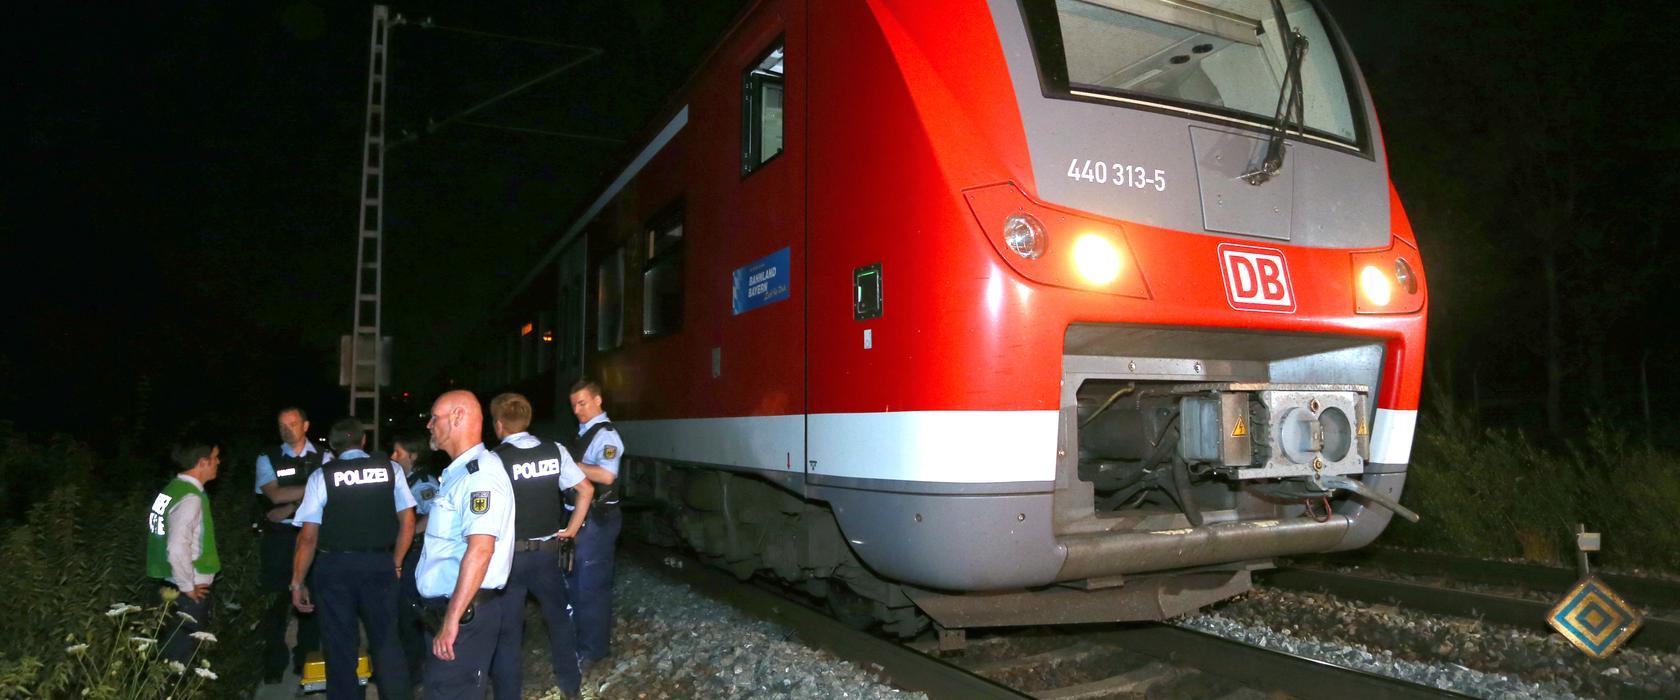 Amoklauf im Regionalzug: Ein 17-Jähriger hat bei Würzburg mehrere Menschen mit Messer und Axt attackiert.